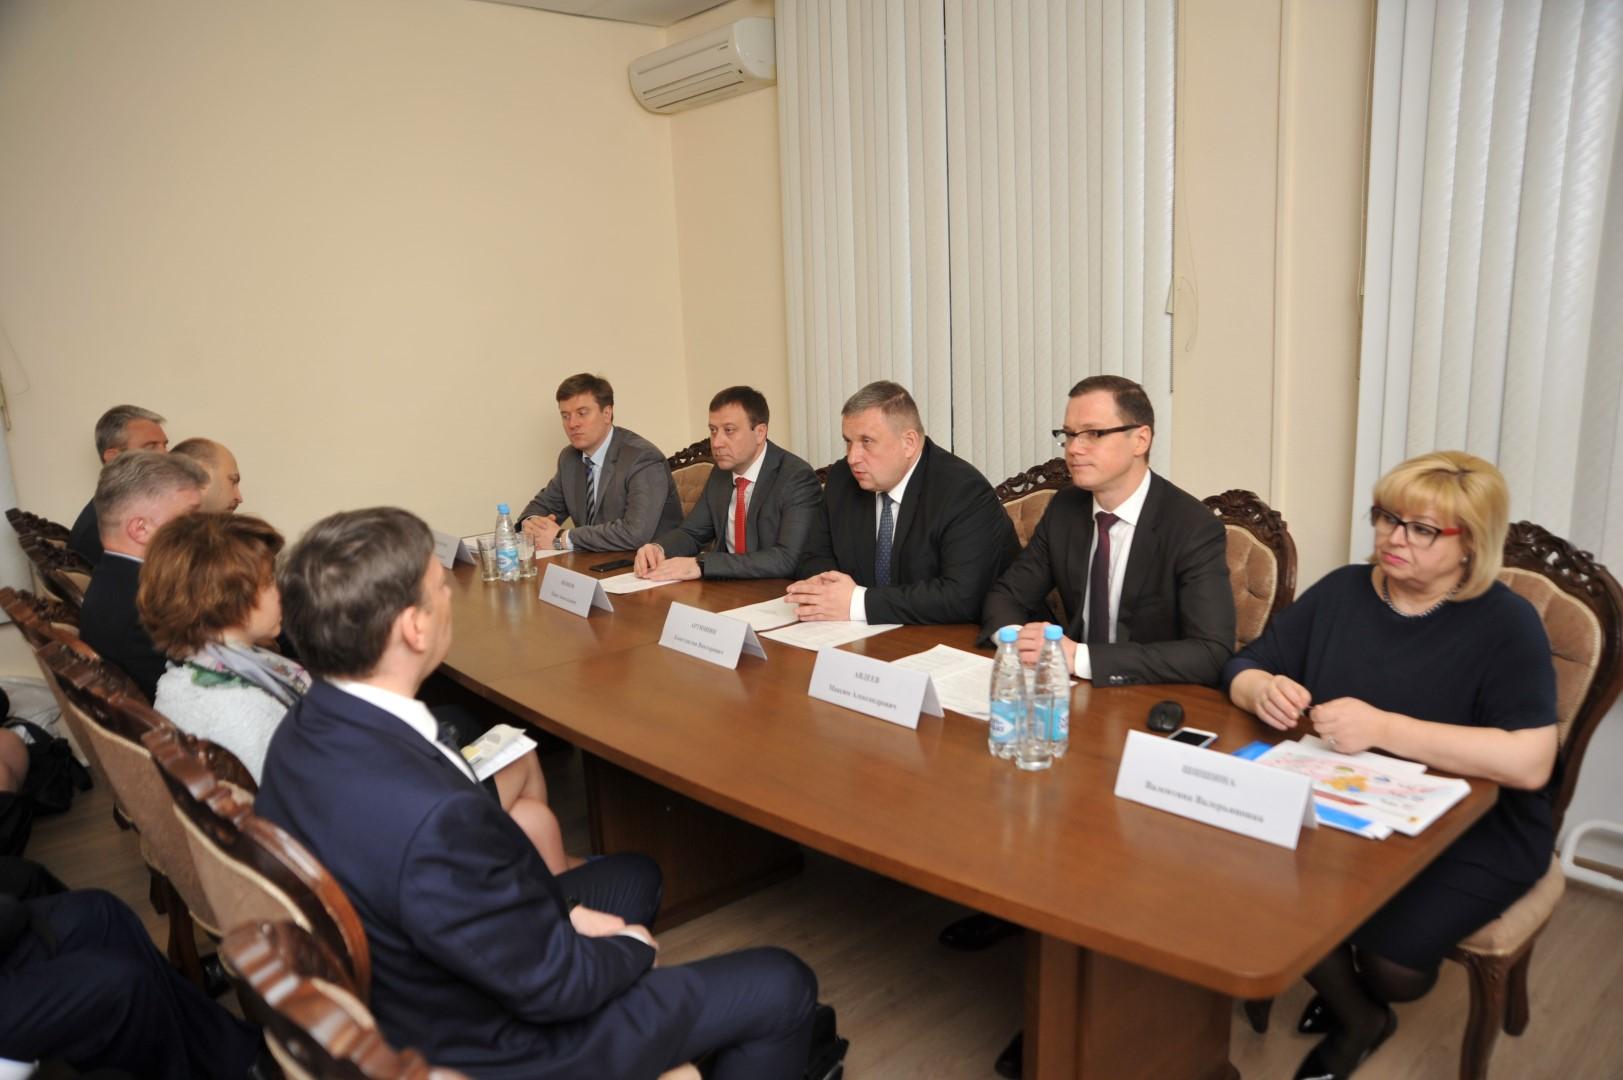 На встрече в Минске представители региона обсудили возможности сотрудничества в сельскохозяйственной сфере